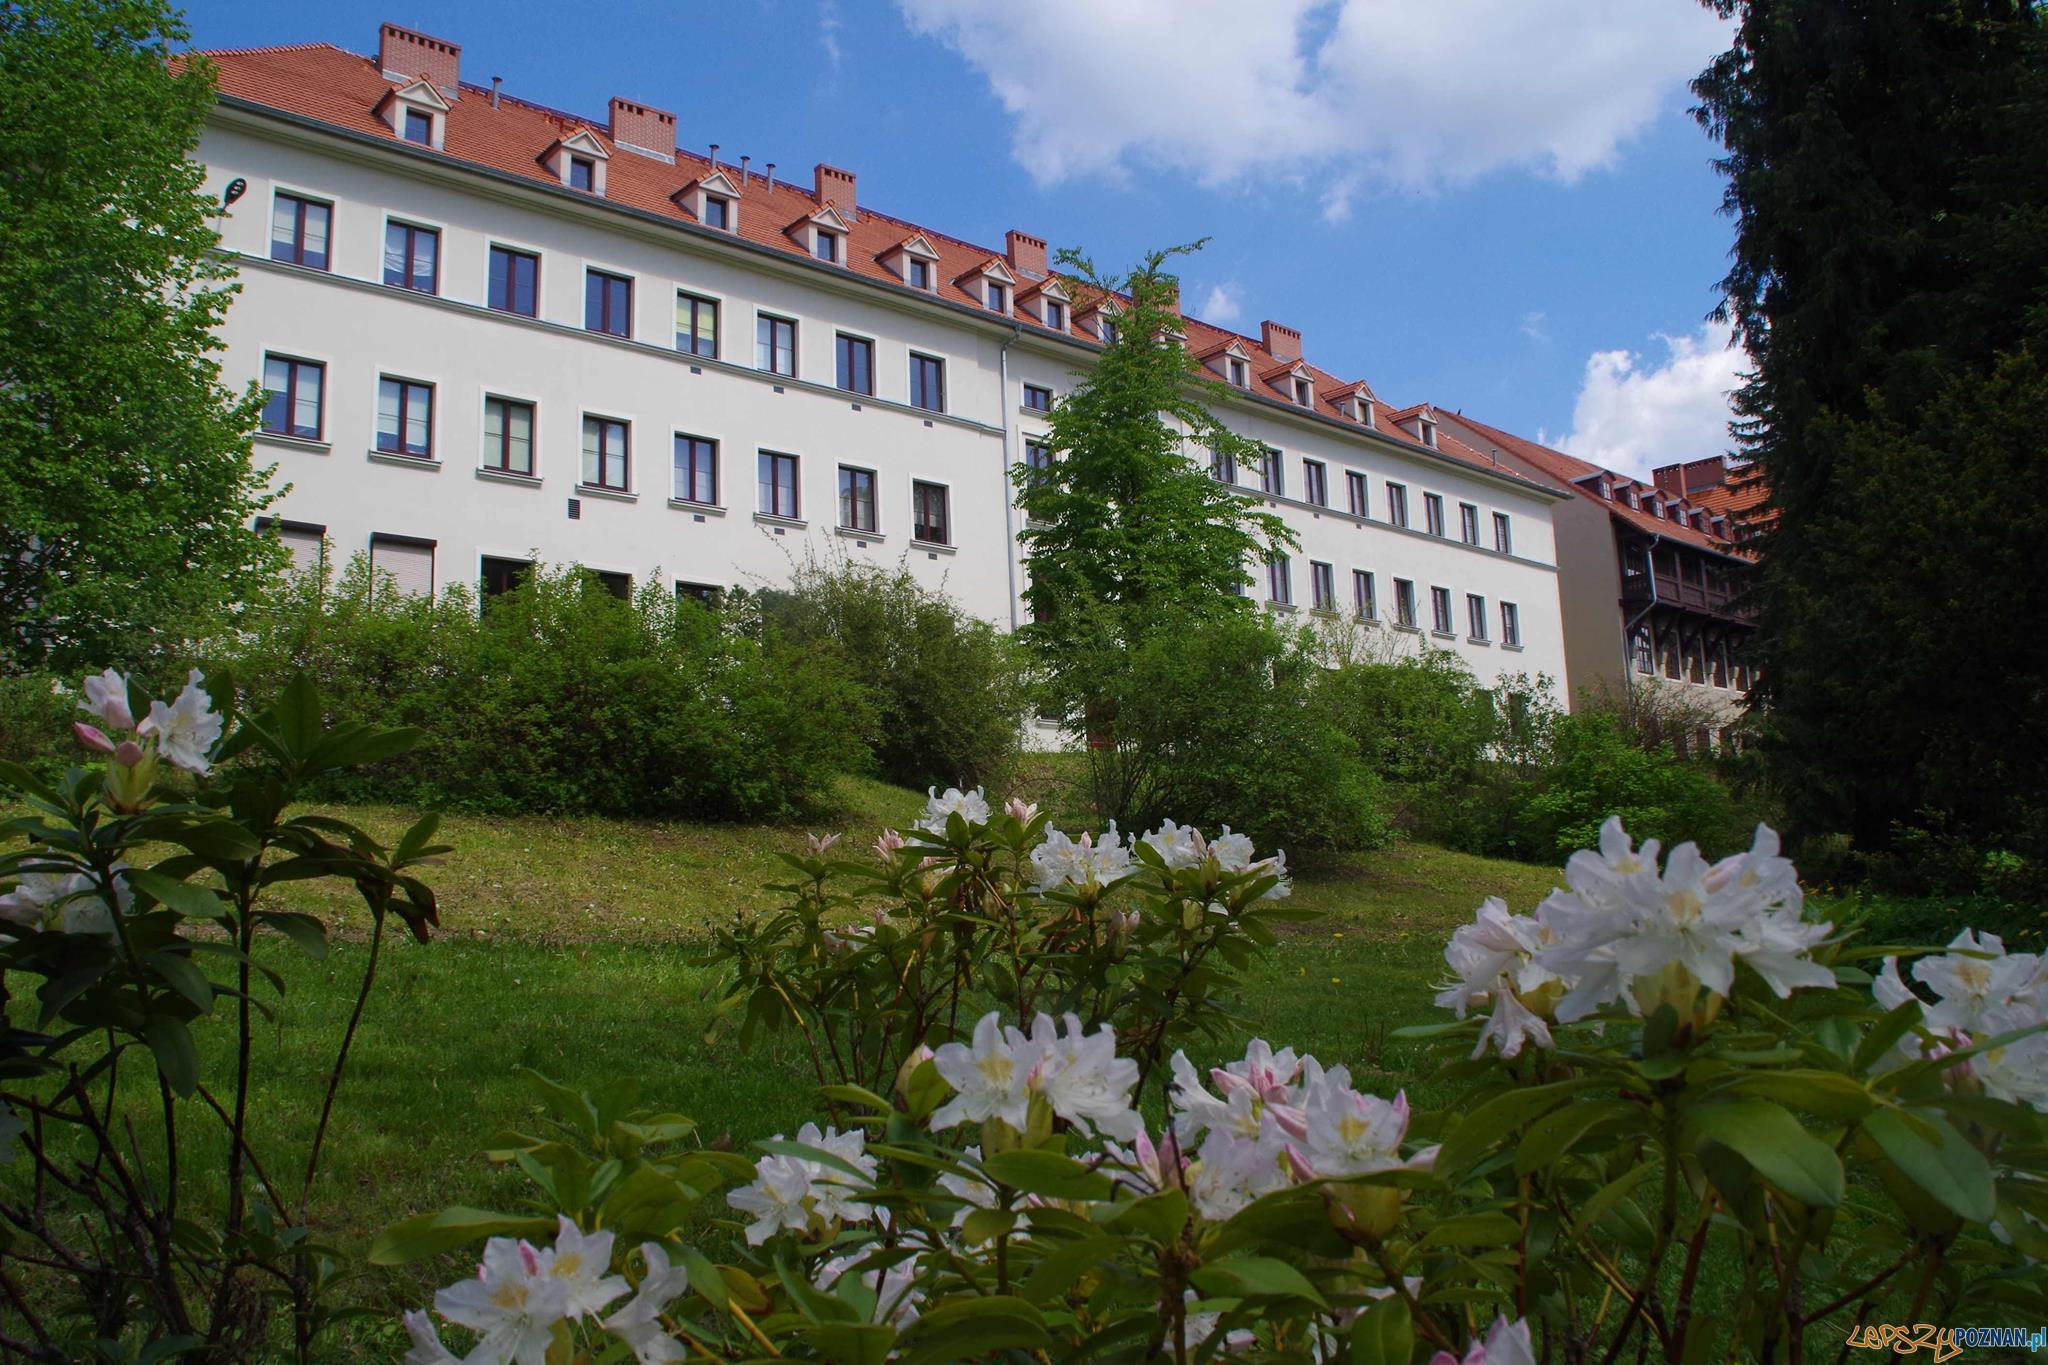 Niestachów i Golęcin - spacer z przewodnikiem  Foto: Grupa Przewodników PoPoznaniu